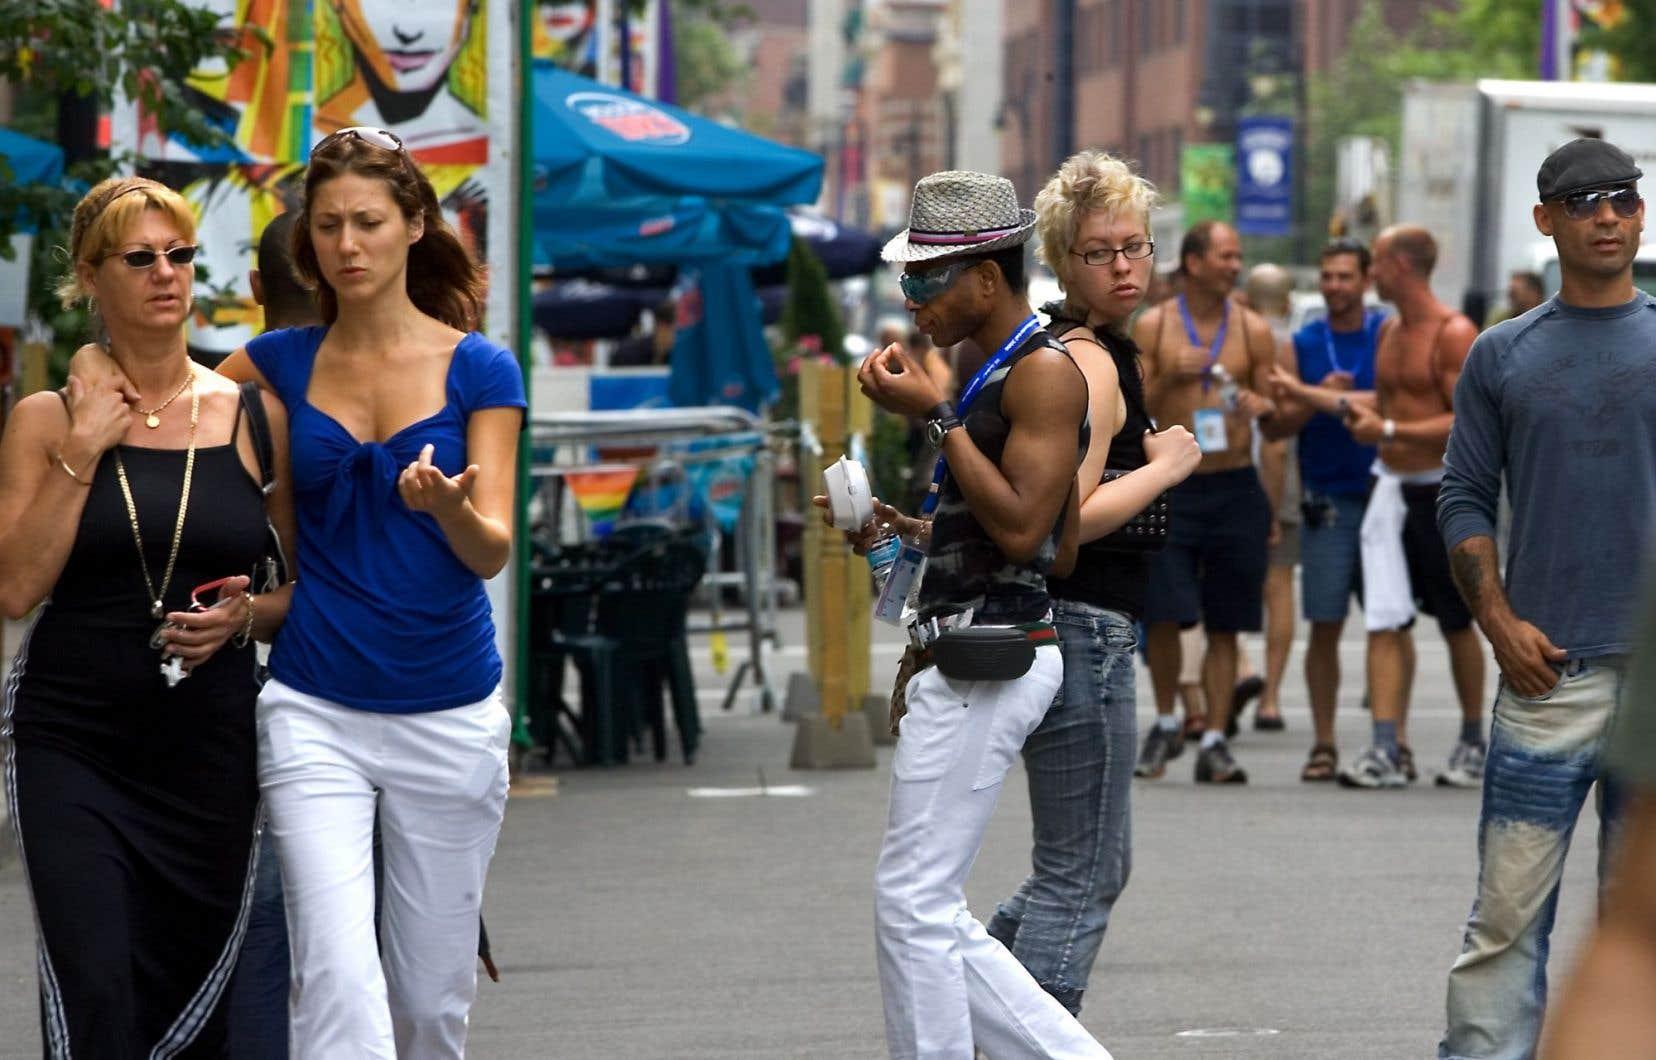 Le Village gai de Montréal a encore une raison d'être, selon l'auteur.